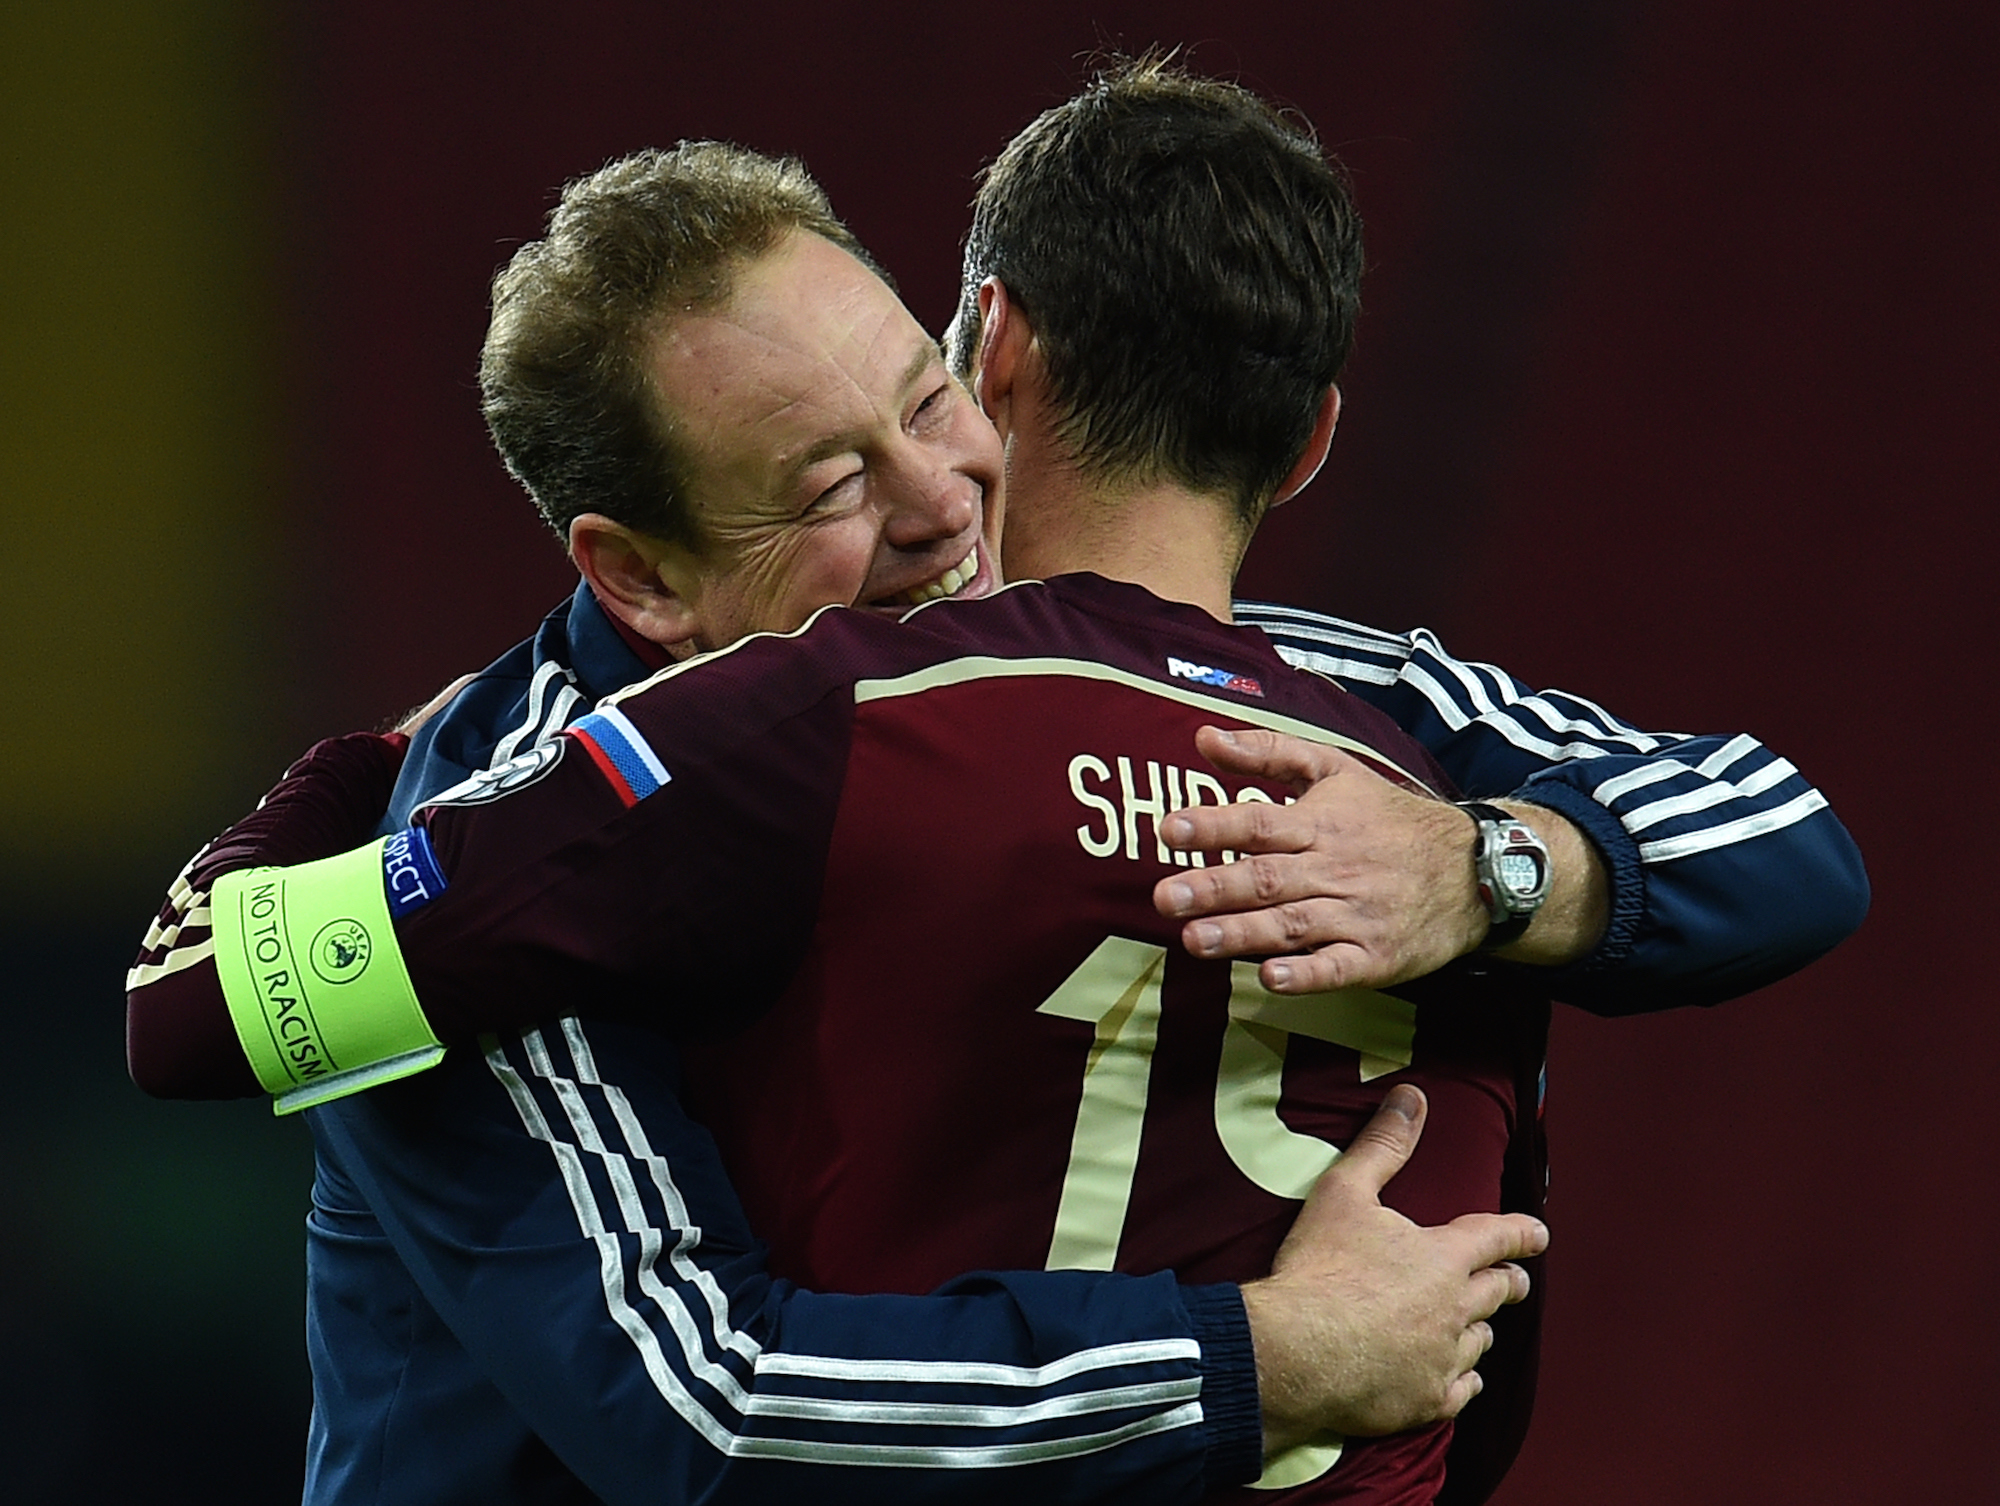 Leonid Sluckij festeggia con capitan Shirokov la qualificazione a Euro 2016